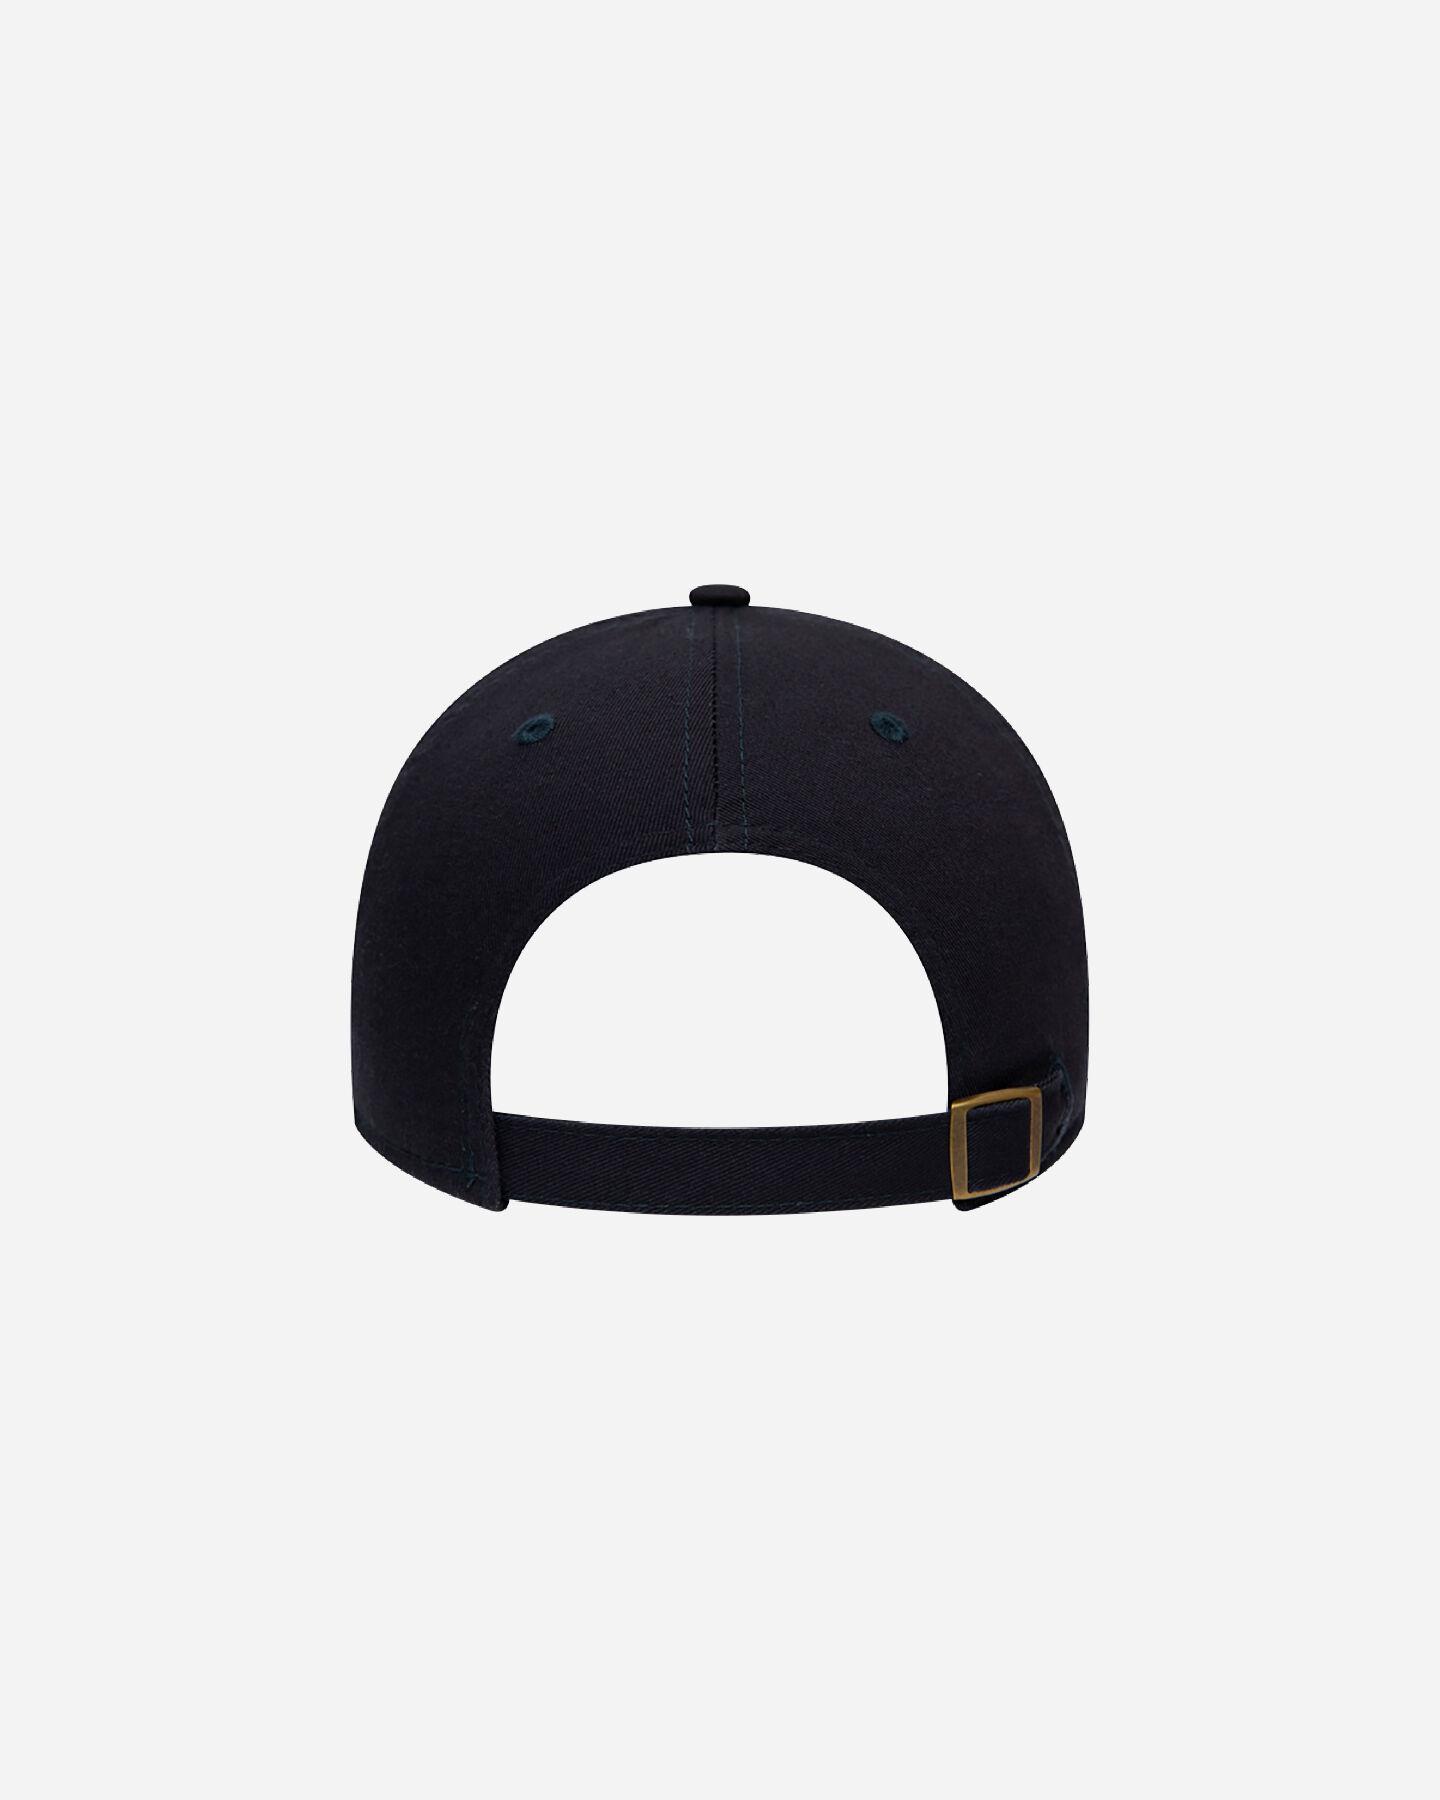 Cappellino NEW ERA CAP NE CASUAL CLASSIC BOSTON BLK S5245111 410 OSFM scatto 2